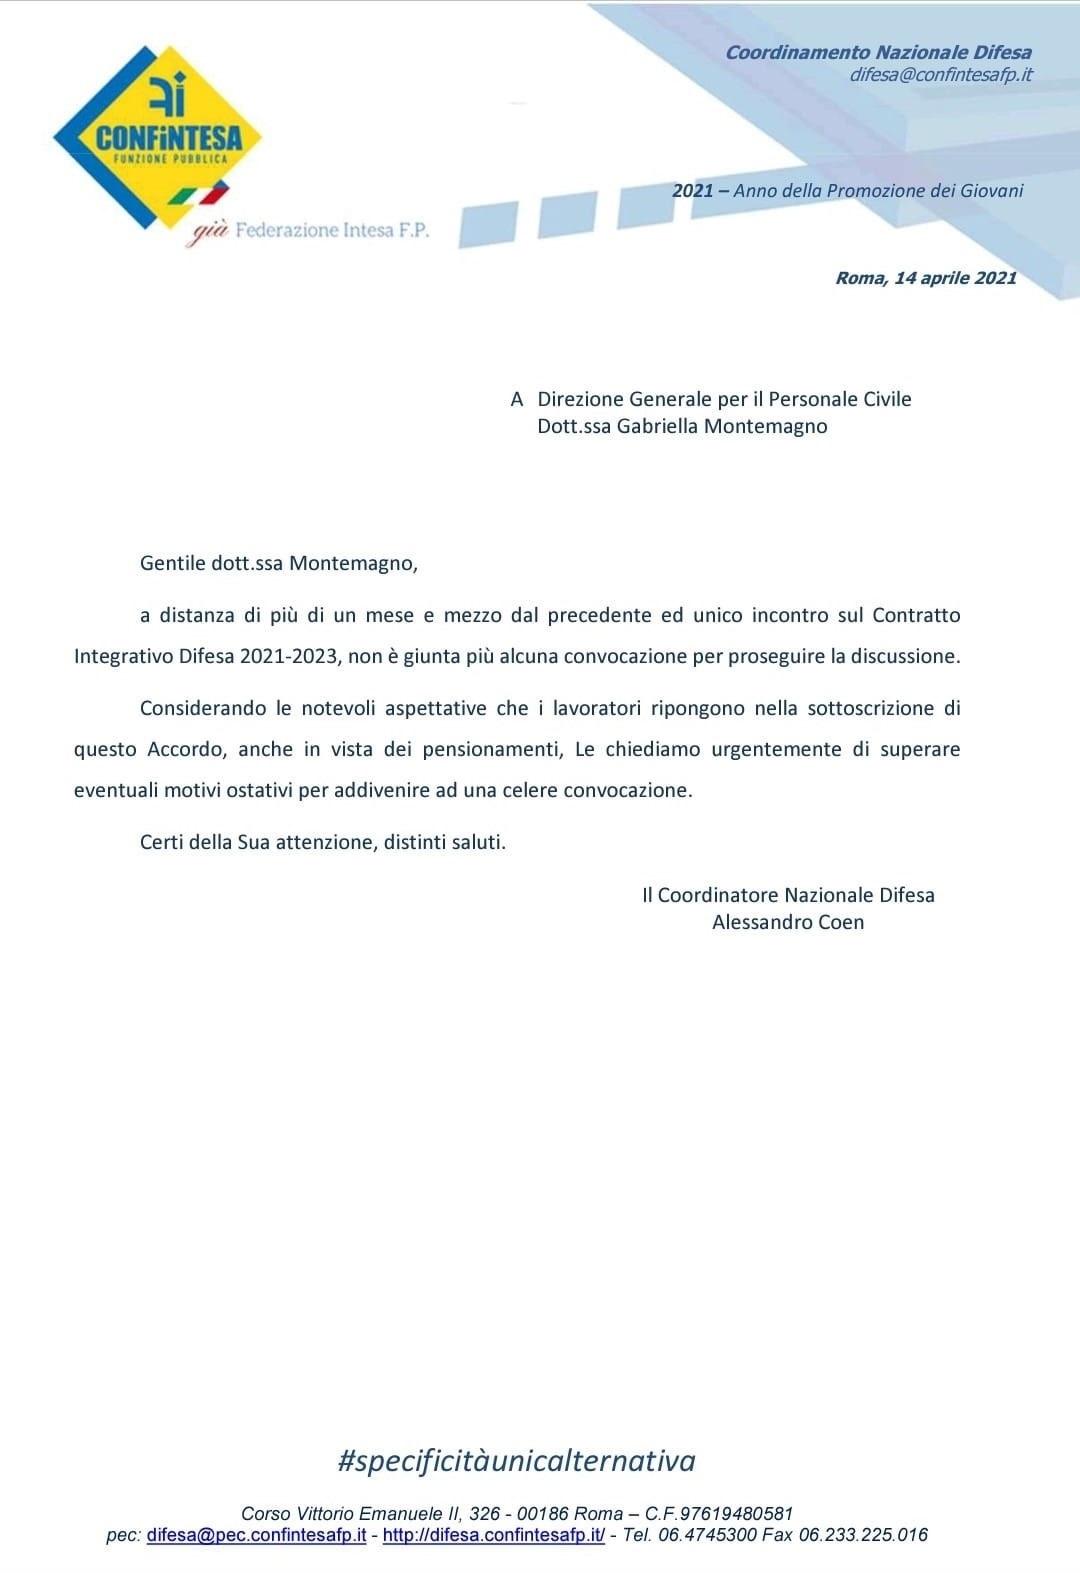 Contratto Integrativo Difesa 2021-2023 –  sviluppi, passaggi verticali, fondo prima area, mobilità e indennità di amministrazione